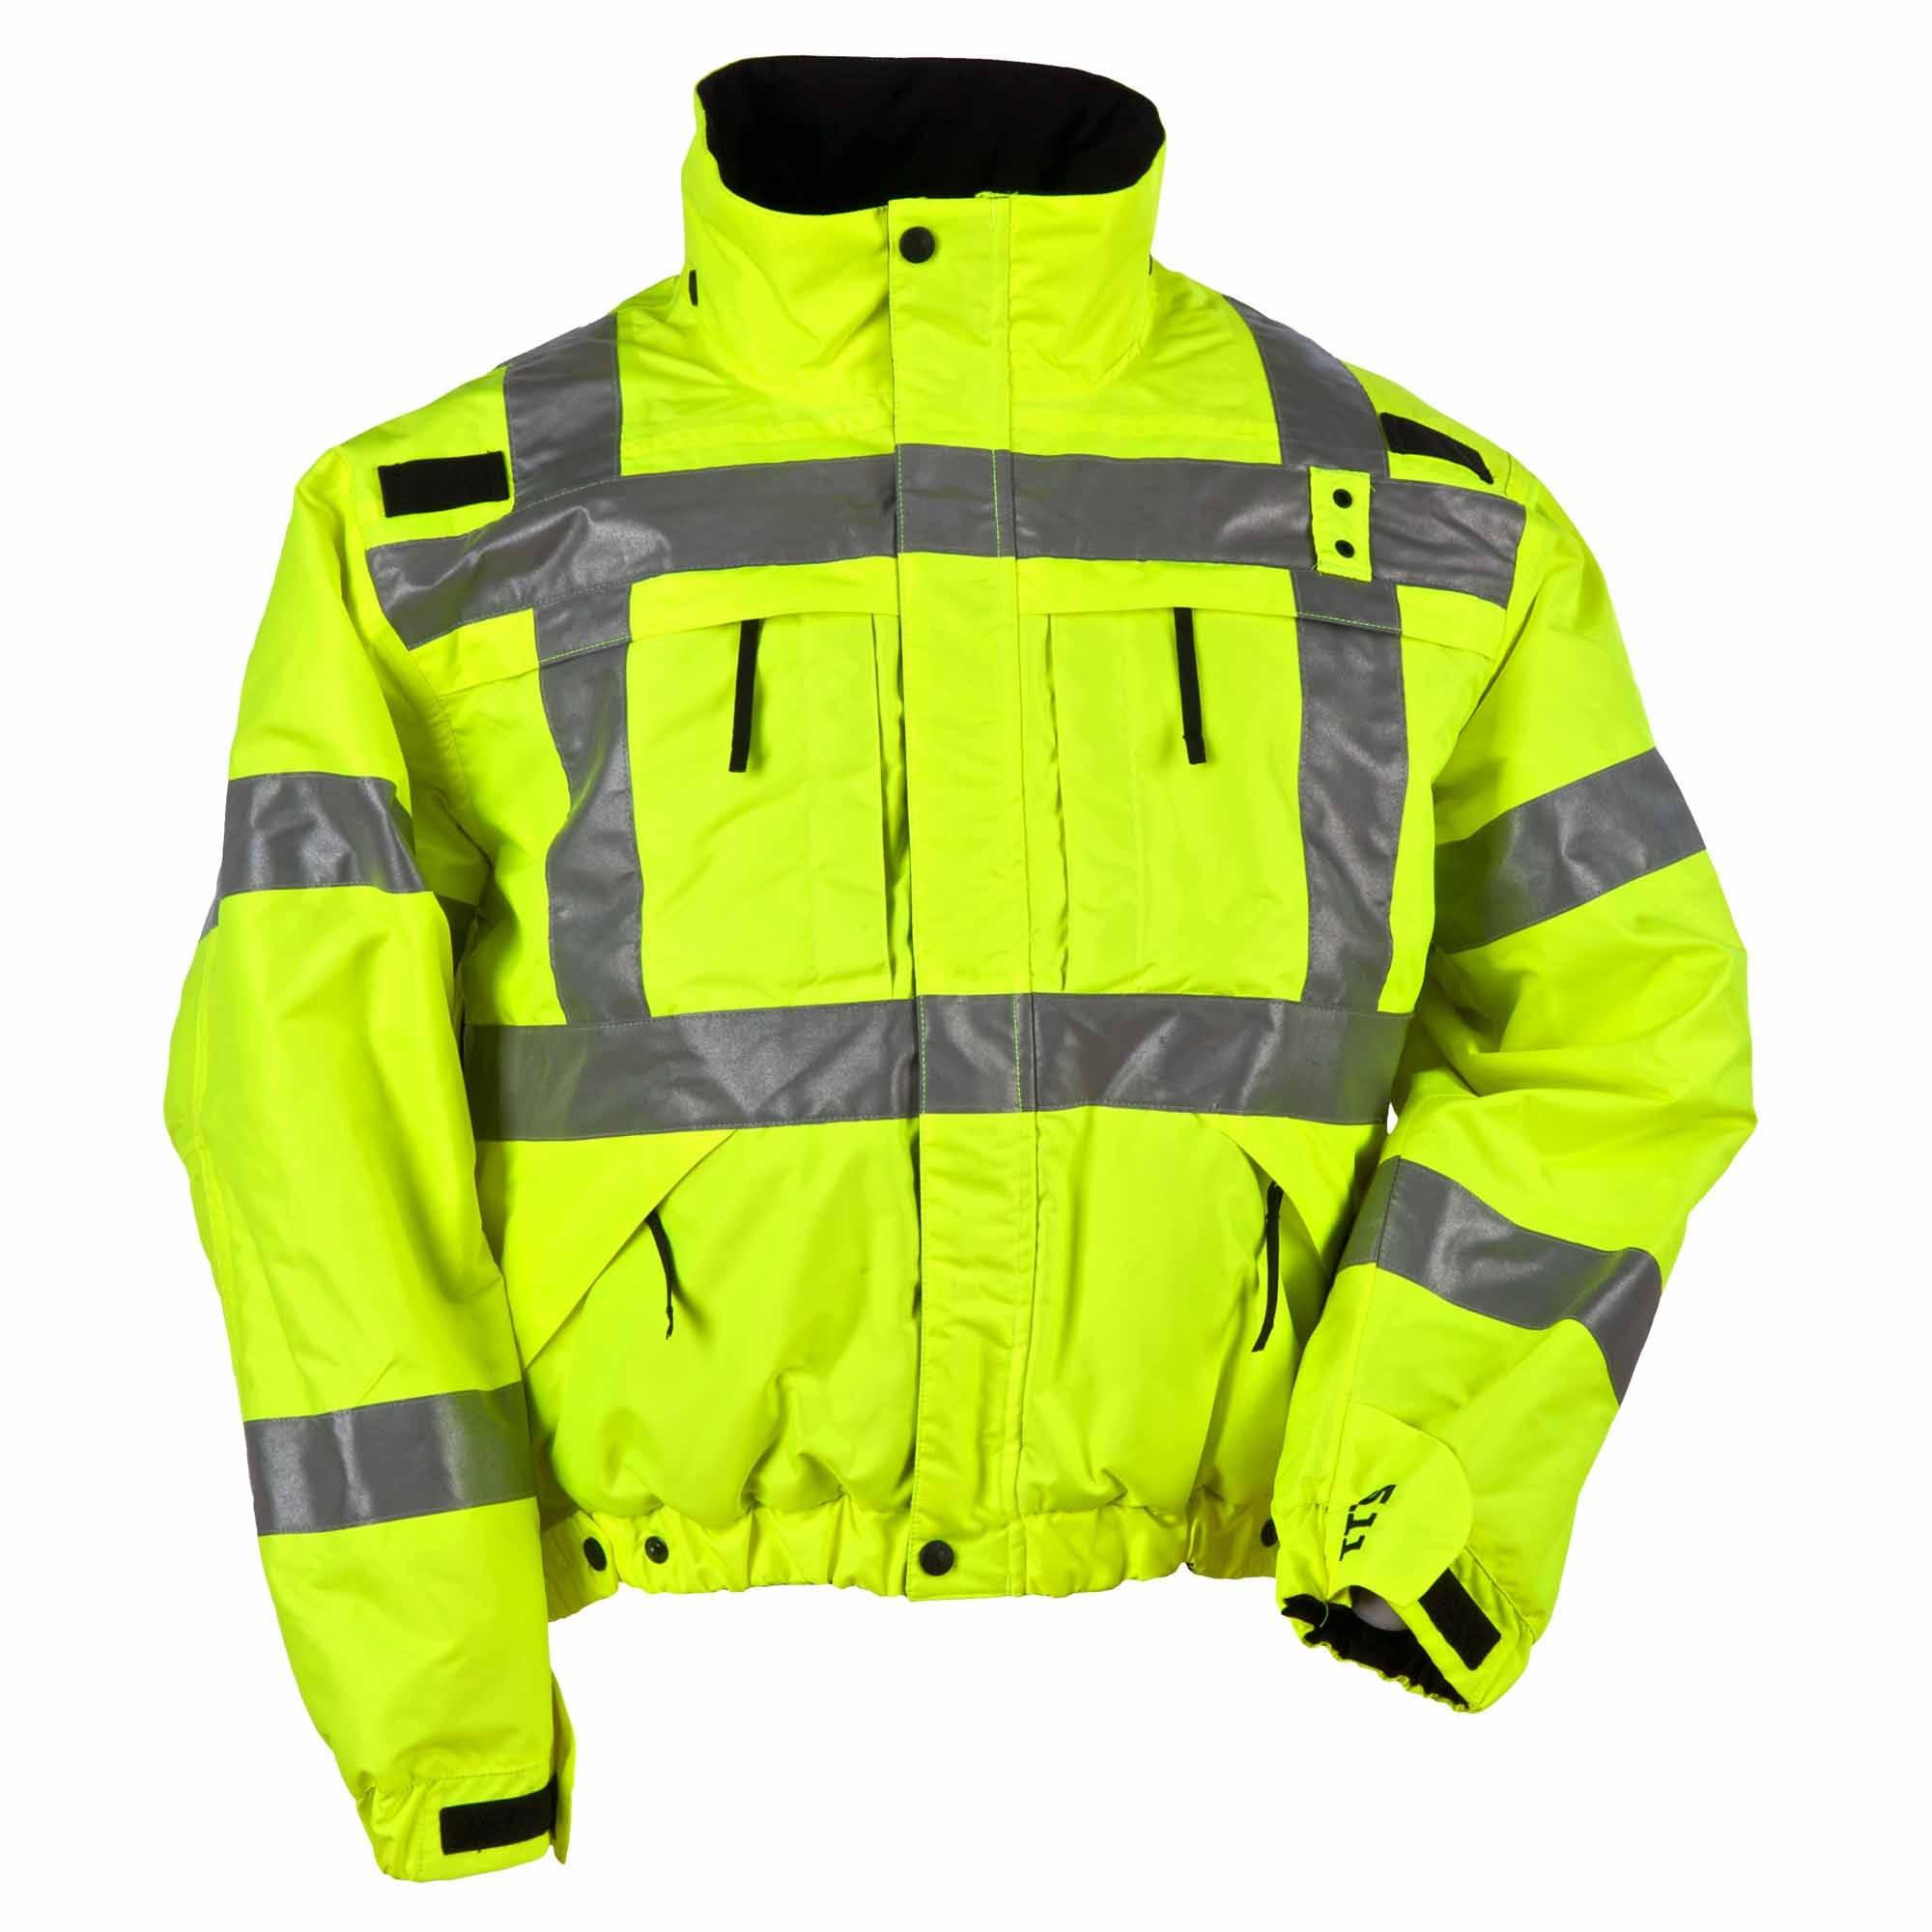 5.11 Tactical Men's Reversible Hi-Vis Jacket (Yellow)